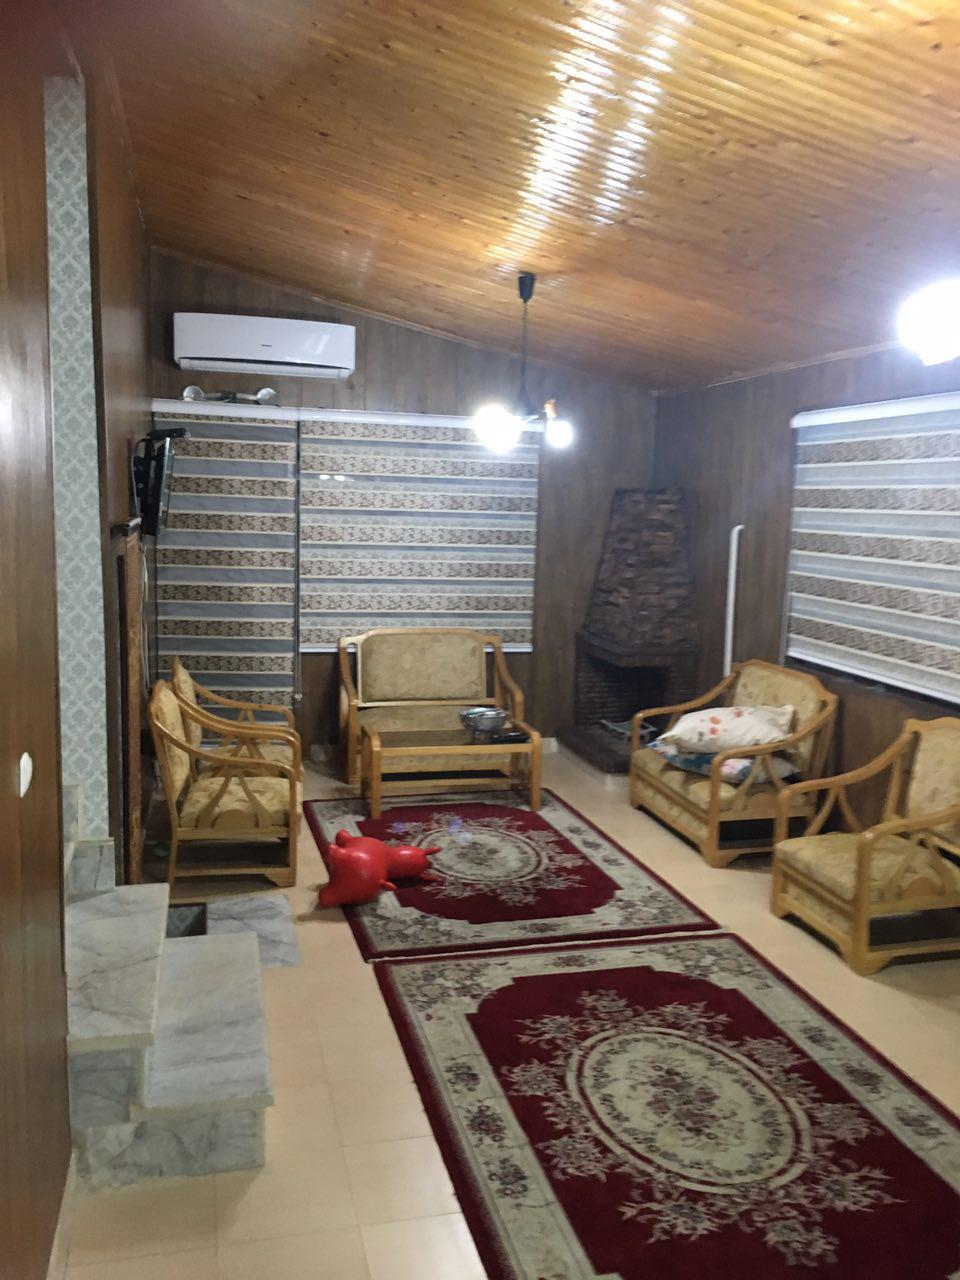 فروش ویلای ساحلی شهرکی ۱۲۰ متری در زیباکنار(کد۶۴۸)